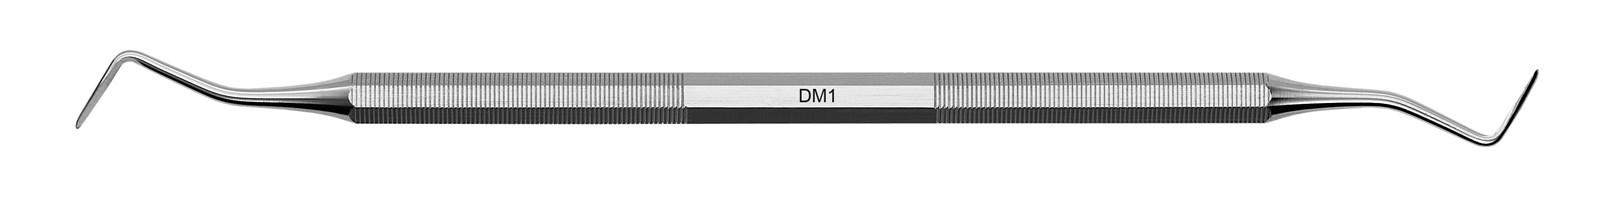 Lžičkové dlátko - DM1, ADEP růžový